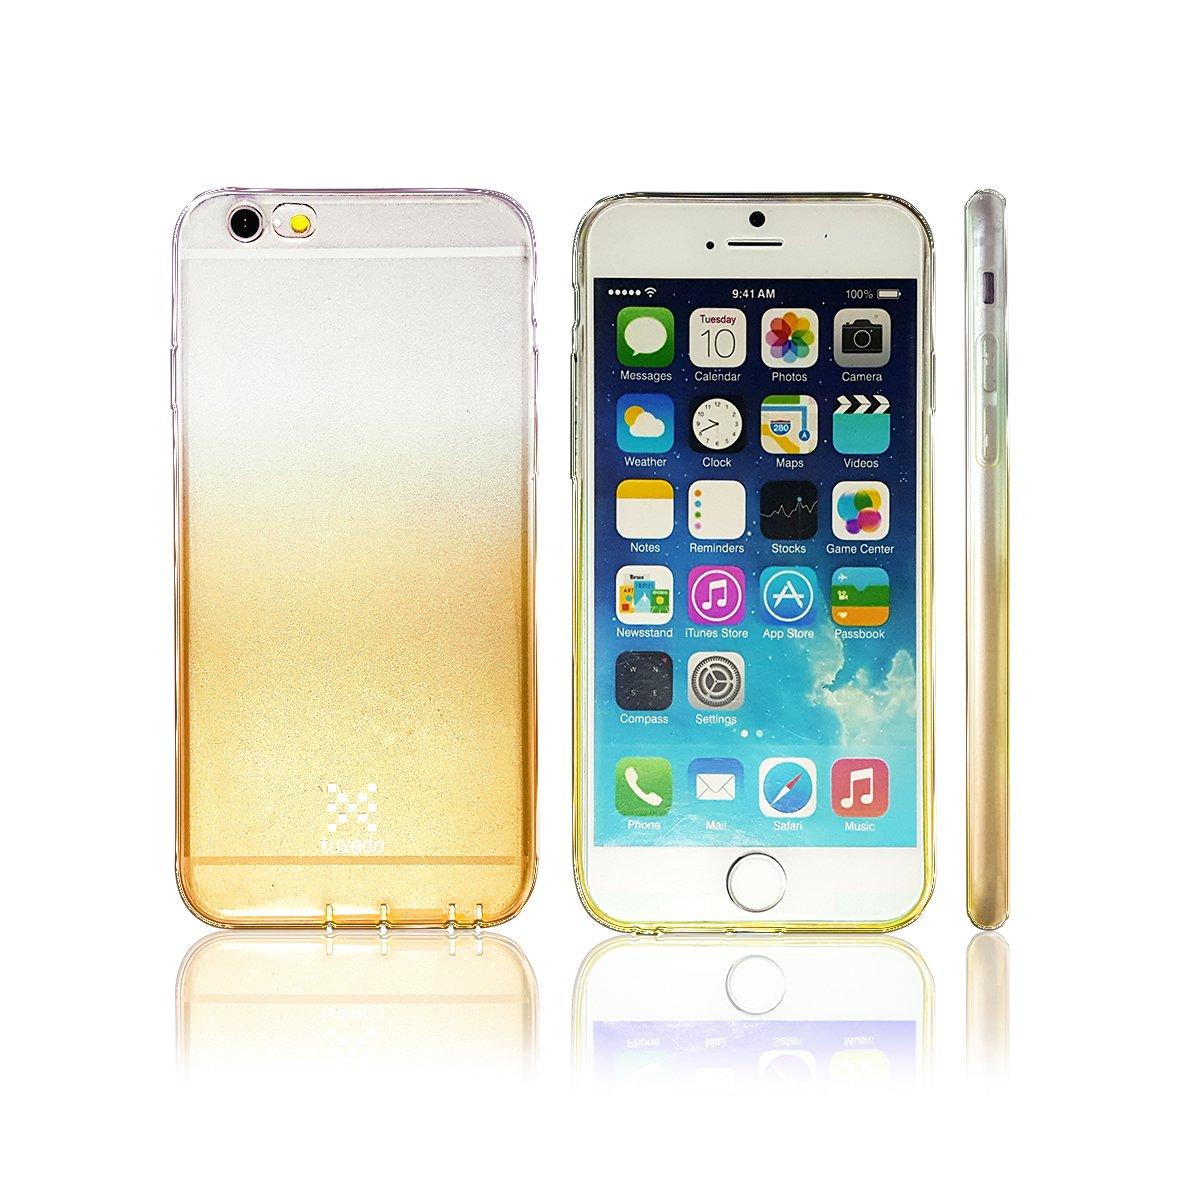 Ốp lưng iPhone 6/6S, Tuxedo Phantom (nhựa TPU cao cấp, trong suốt, mềm mại, chống va đập)